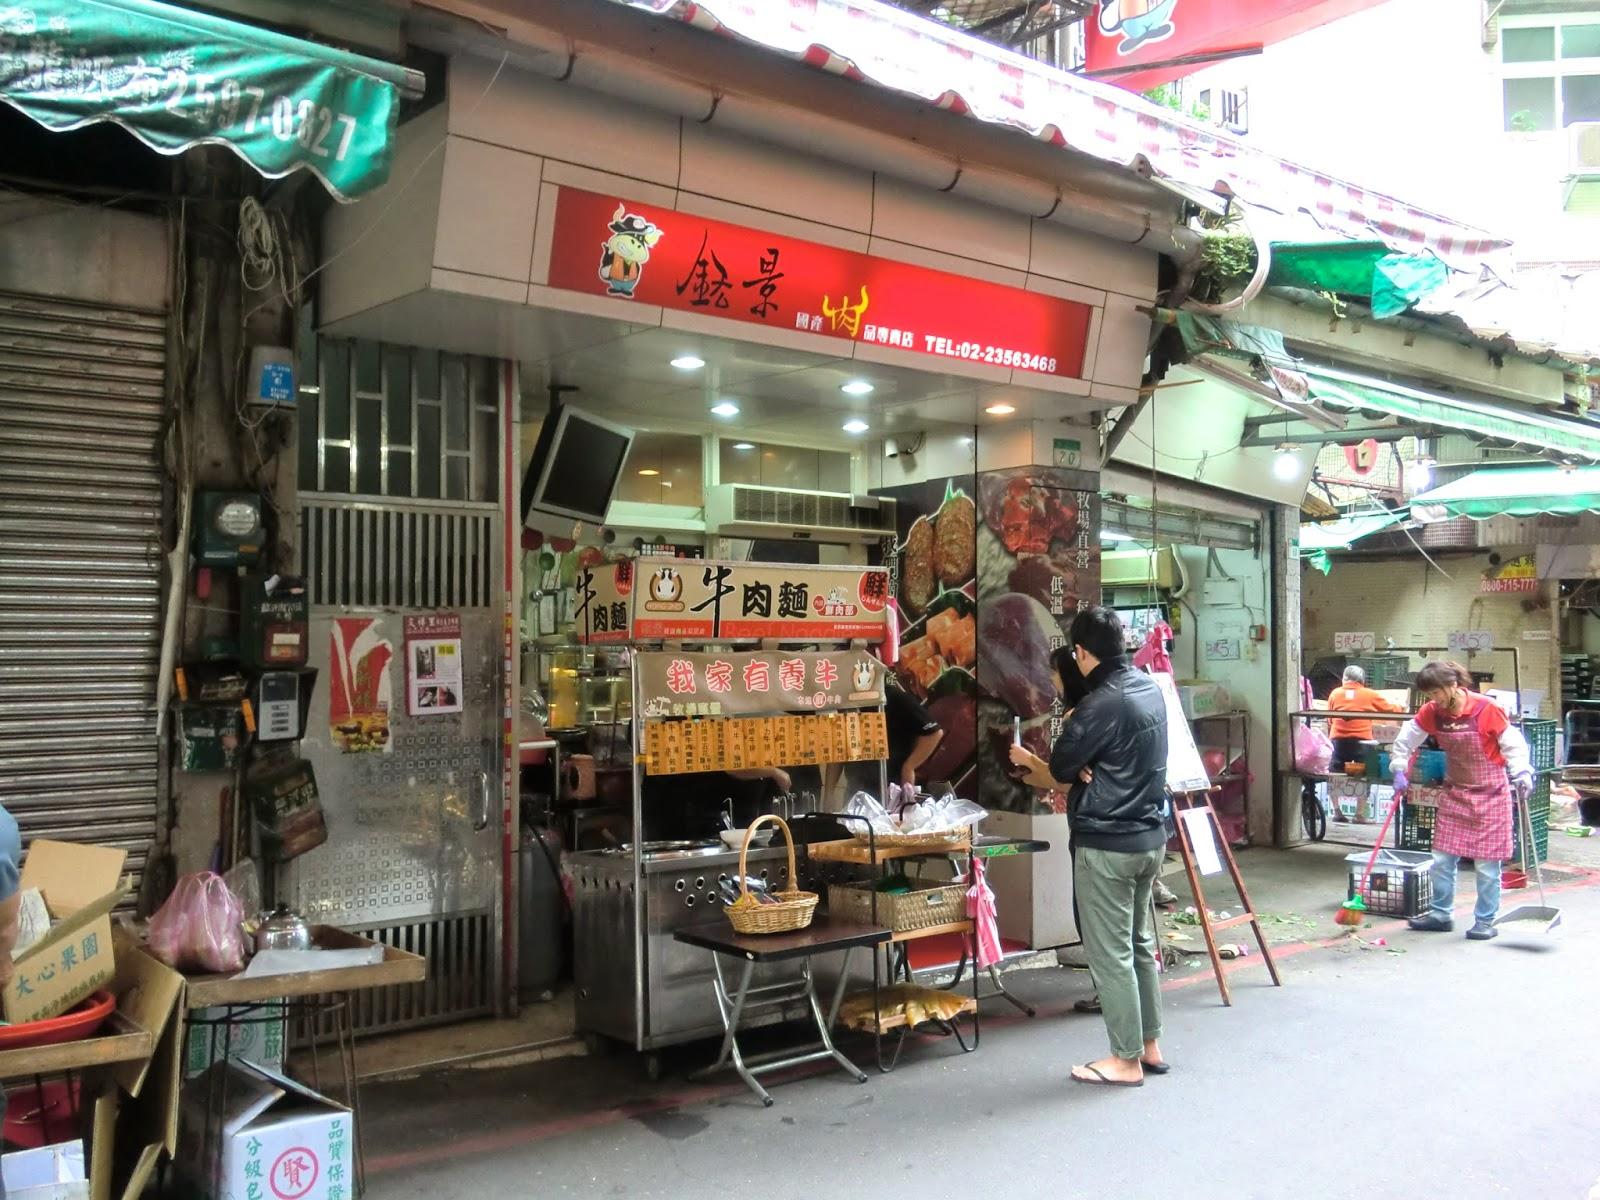 化為六月息: 〈臺北‧捷運東門站〉御牛殿麵鍋食堂 ~~ 隱身在東門市場內的美味牛料理